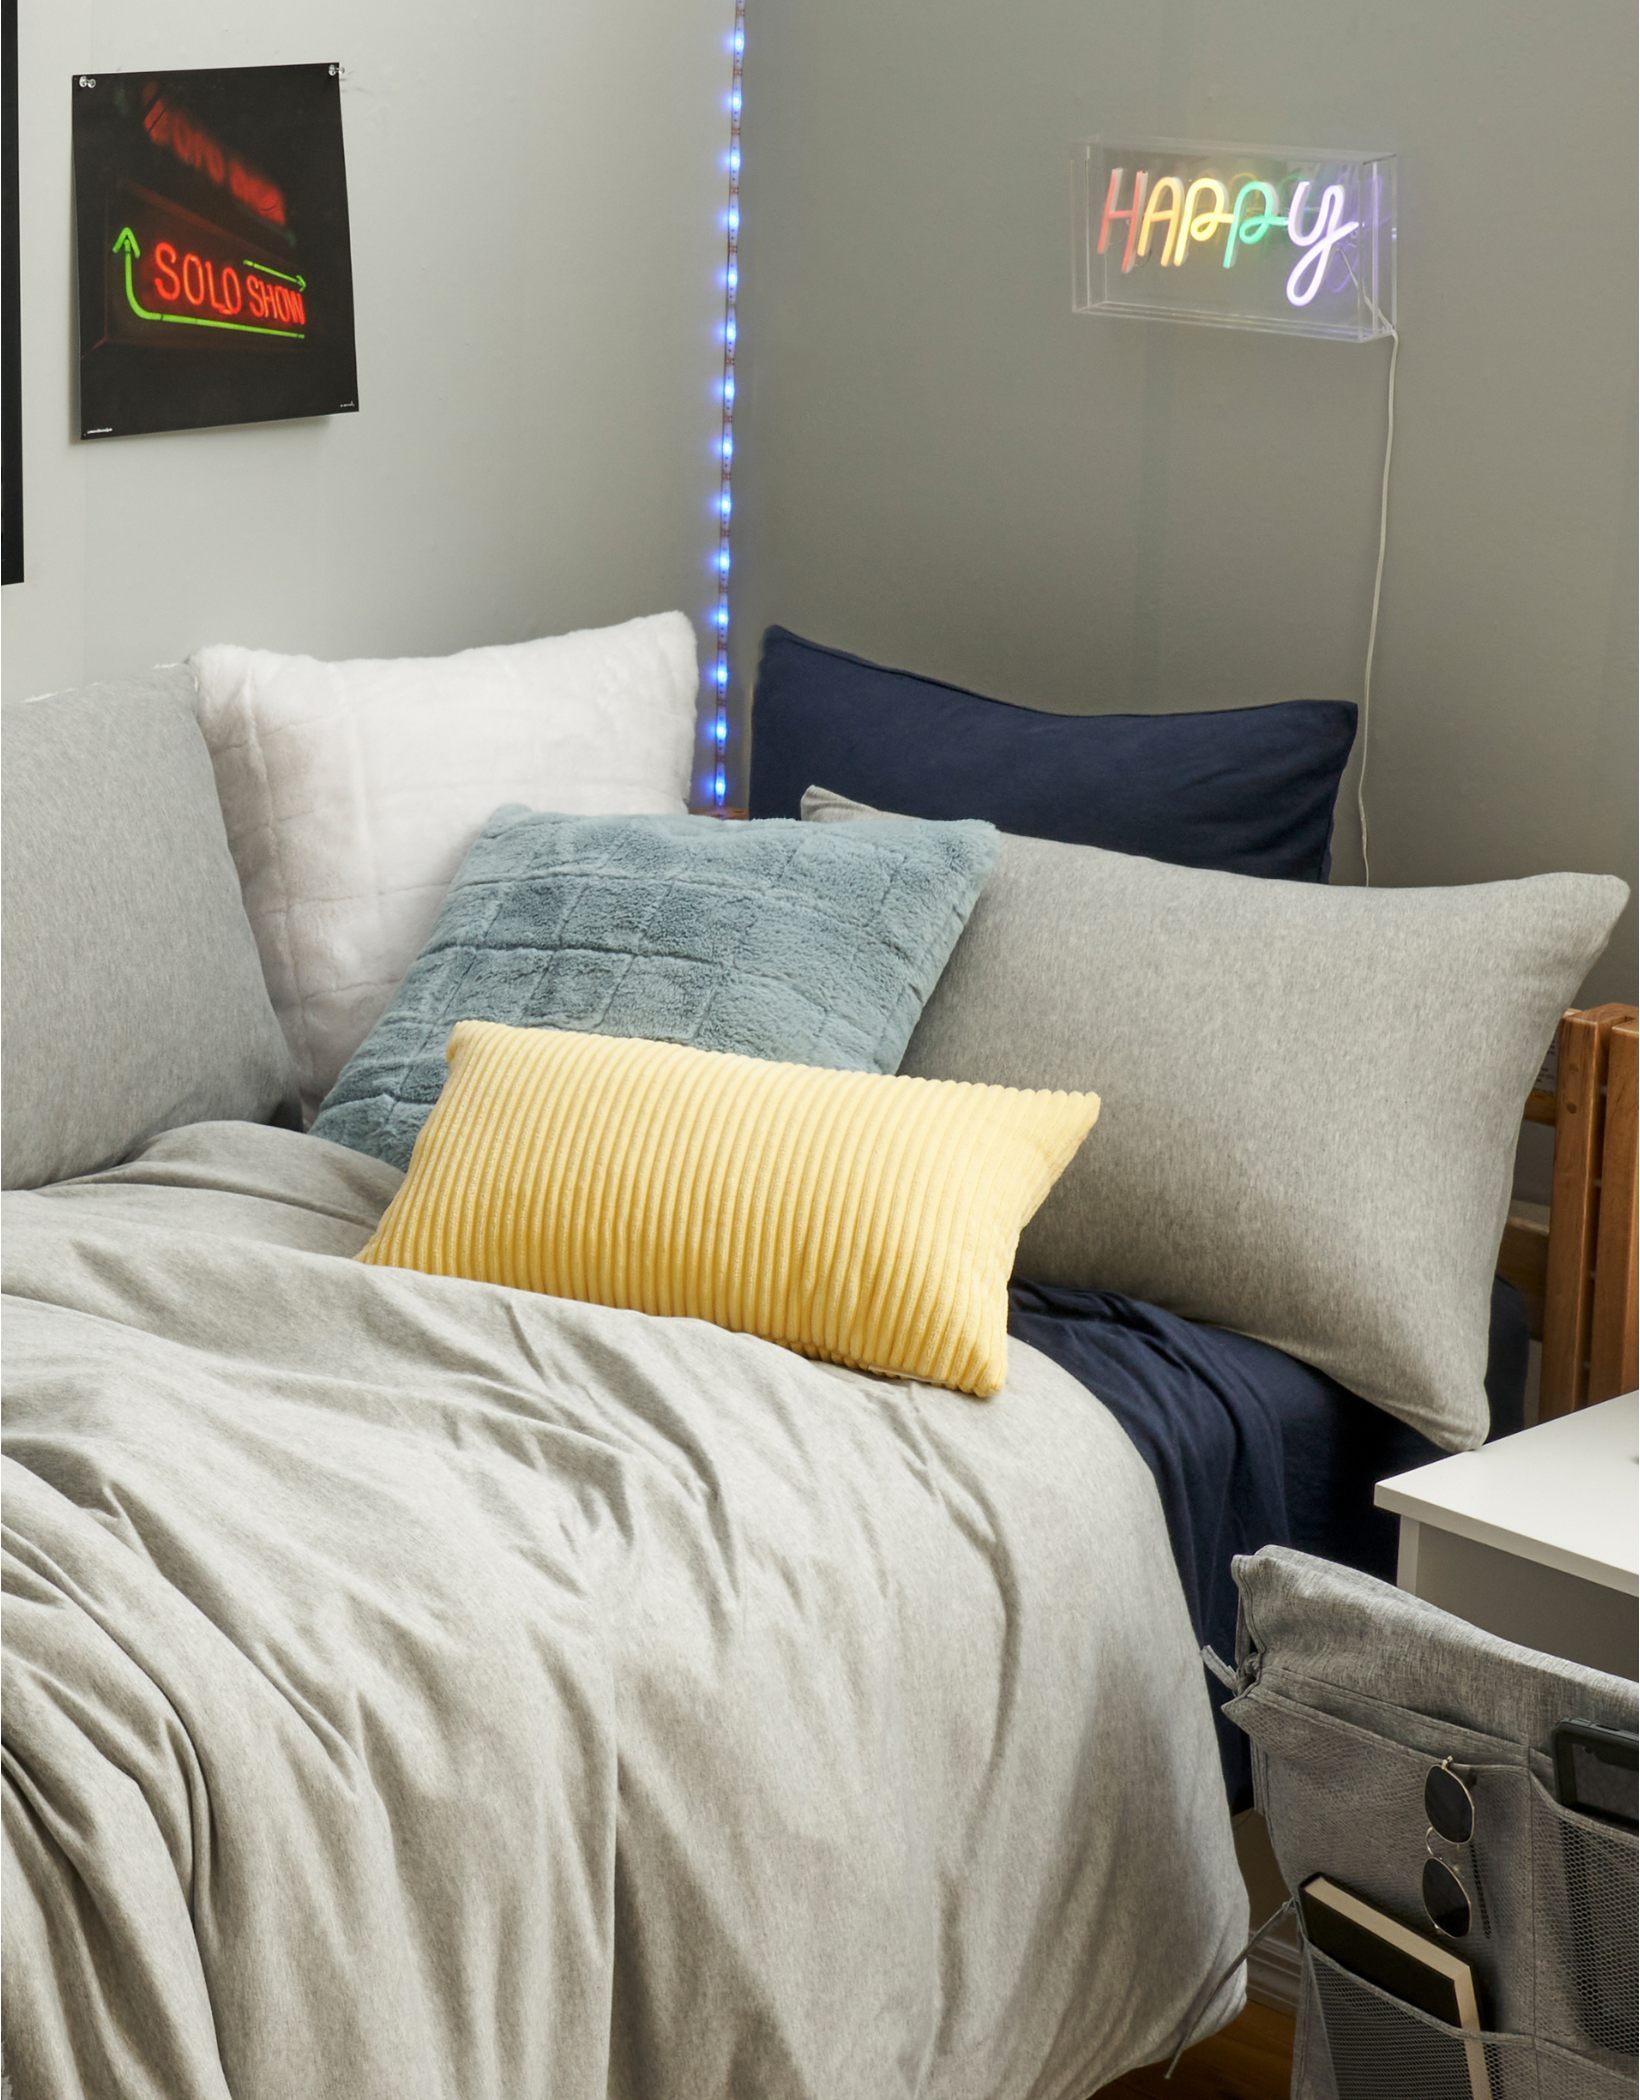 Dormify Super Soft T-Shirt Jersey Twin XL Sheet Set